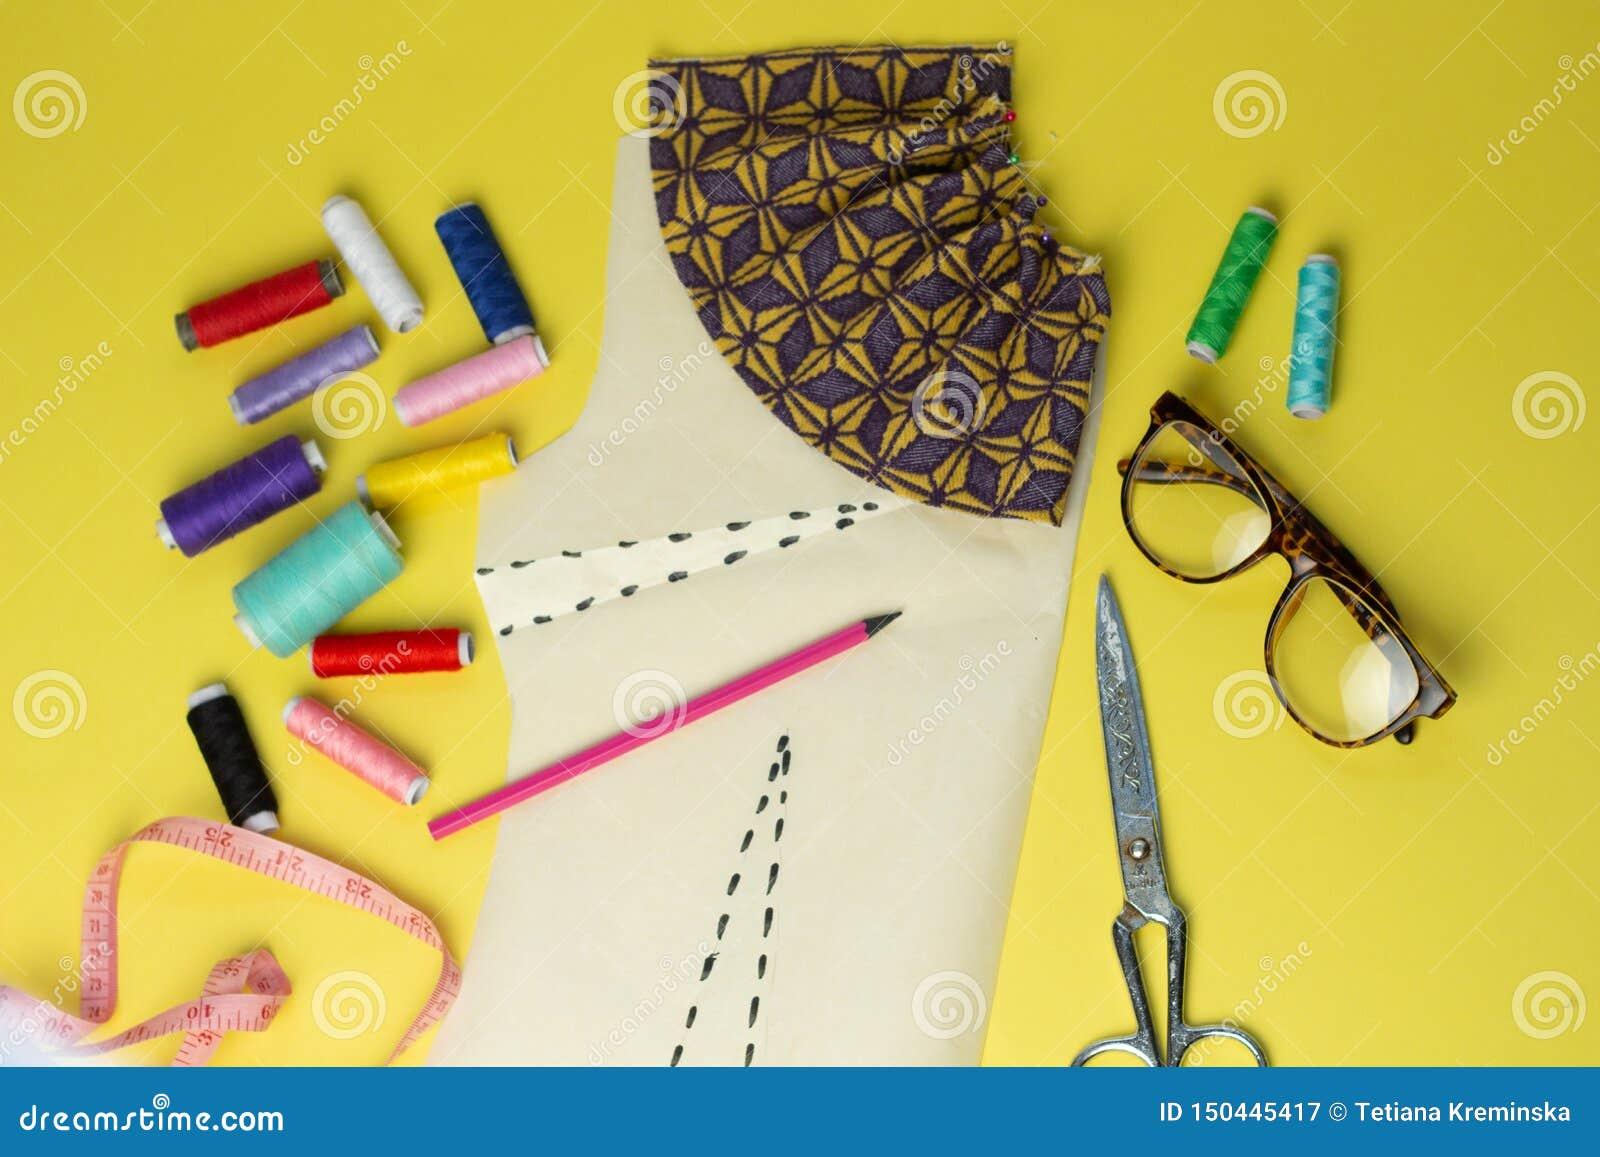 Ράβοντας εξαρτήματα και ύφασμα σε ένα υπόβαθρο yelow Ράβοντας νήματα, καρφίτσες, σχέδιο και ράβοντας εκατοστόμετρο Για να ράψει σ